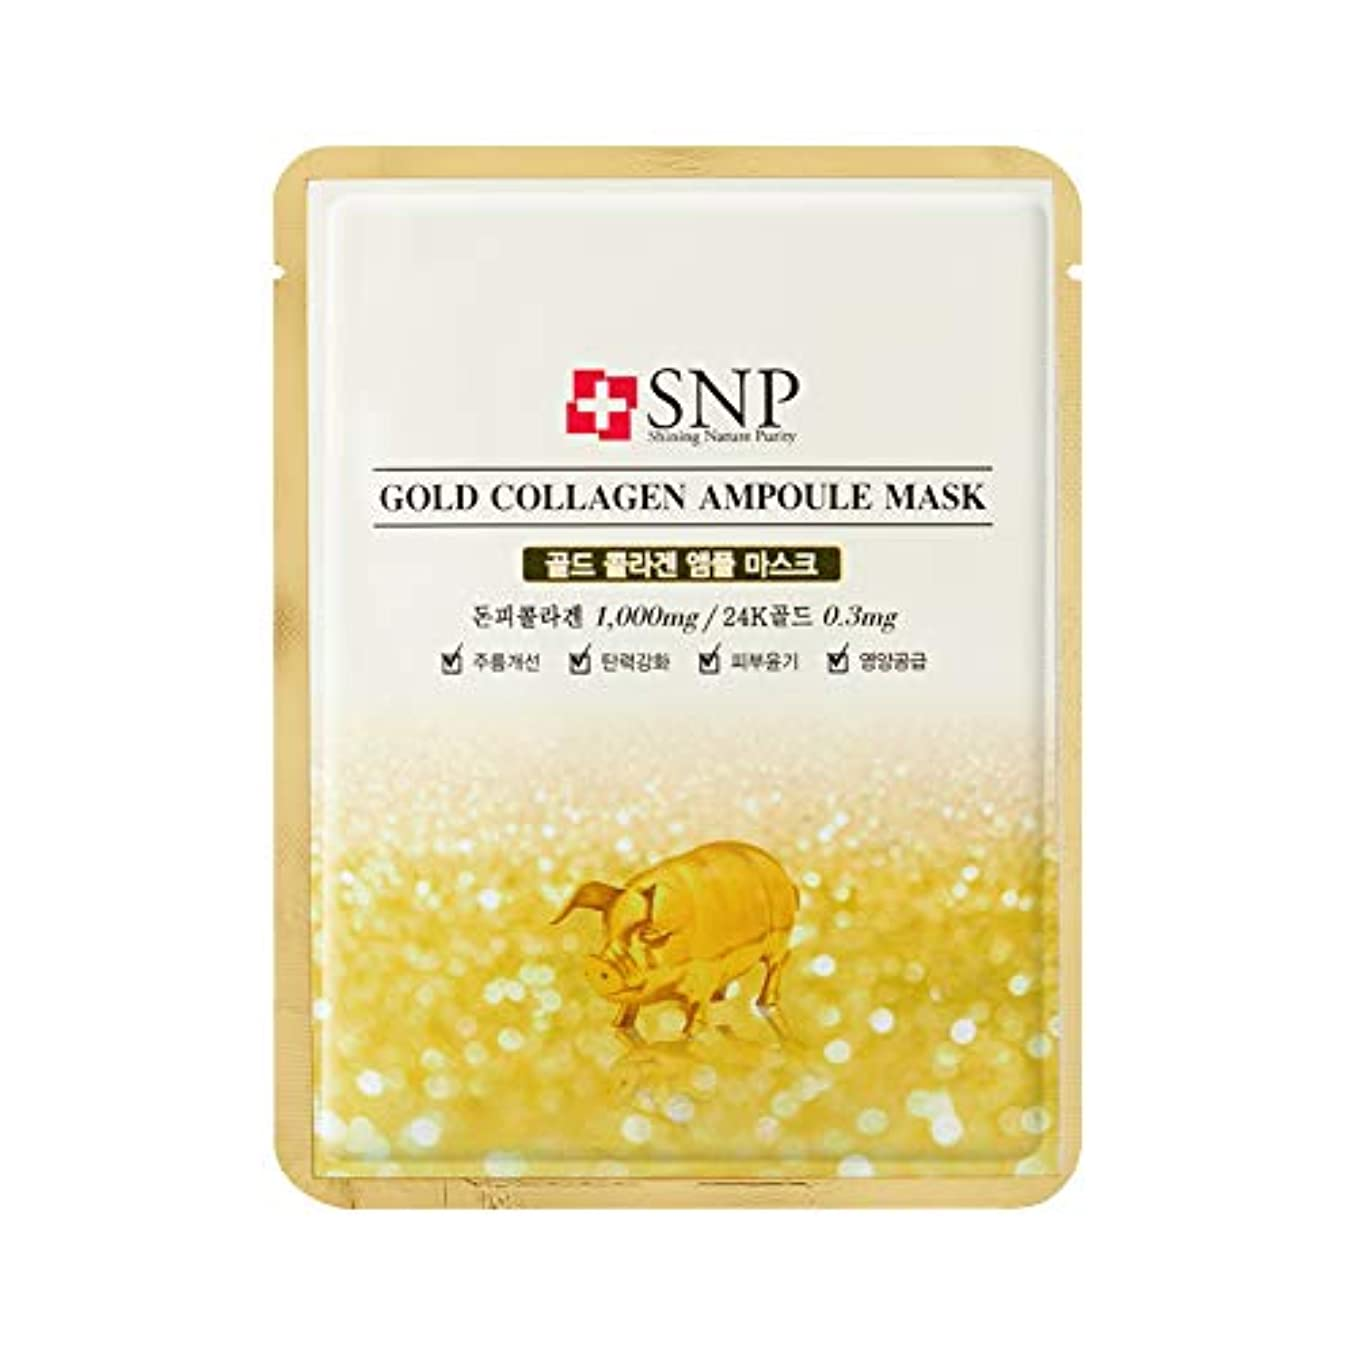 月曜日ペレグリネーション天才【SNP公式】ゴールドコラーゲンアンプルマスク10枚セット/Gold Collagen Ampoul Mask 25ml 韓国コスメ 韓国パック フェイスマスク マスクパック 保湿